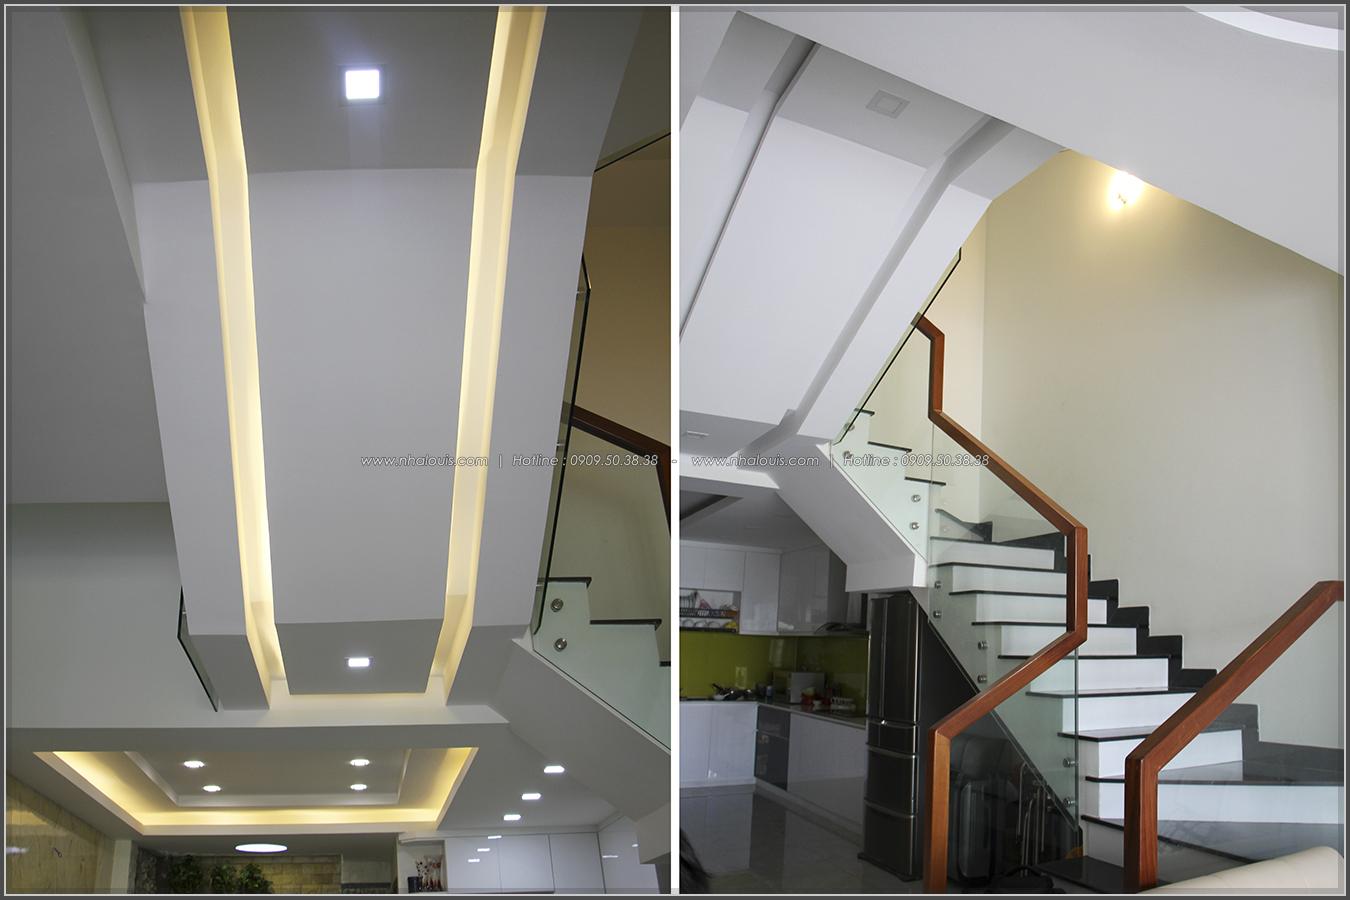 Thi công xây dựng nhà phố 1 trệt 2 lầu phong cách hiện đại ở Tân Phú - 15